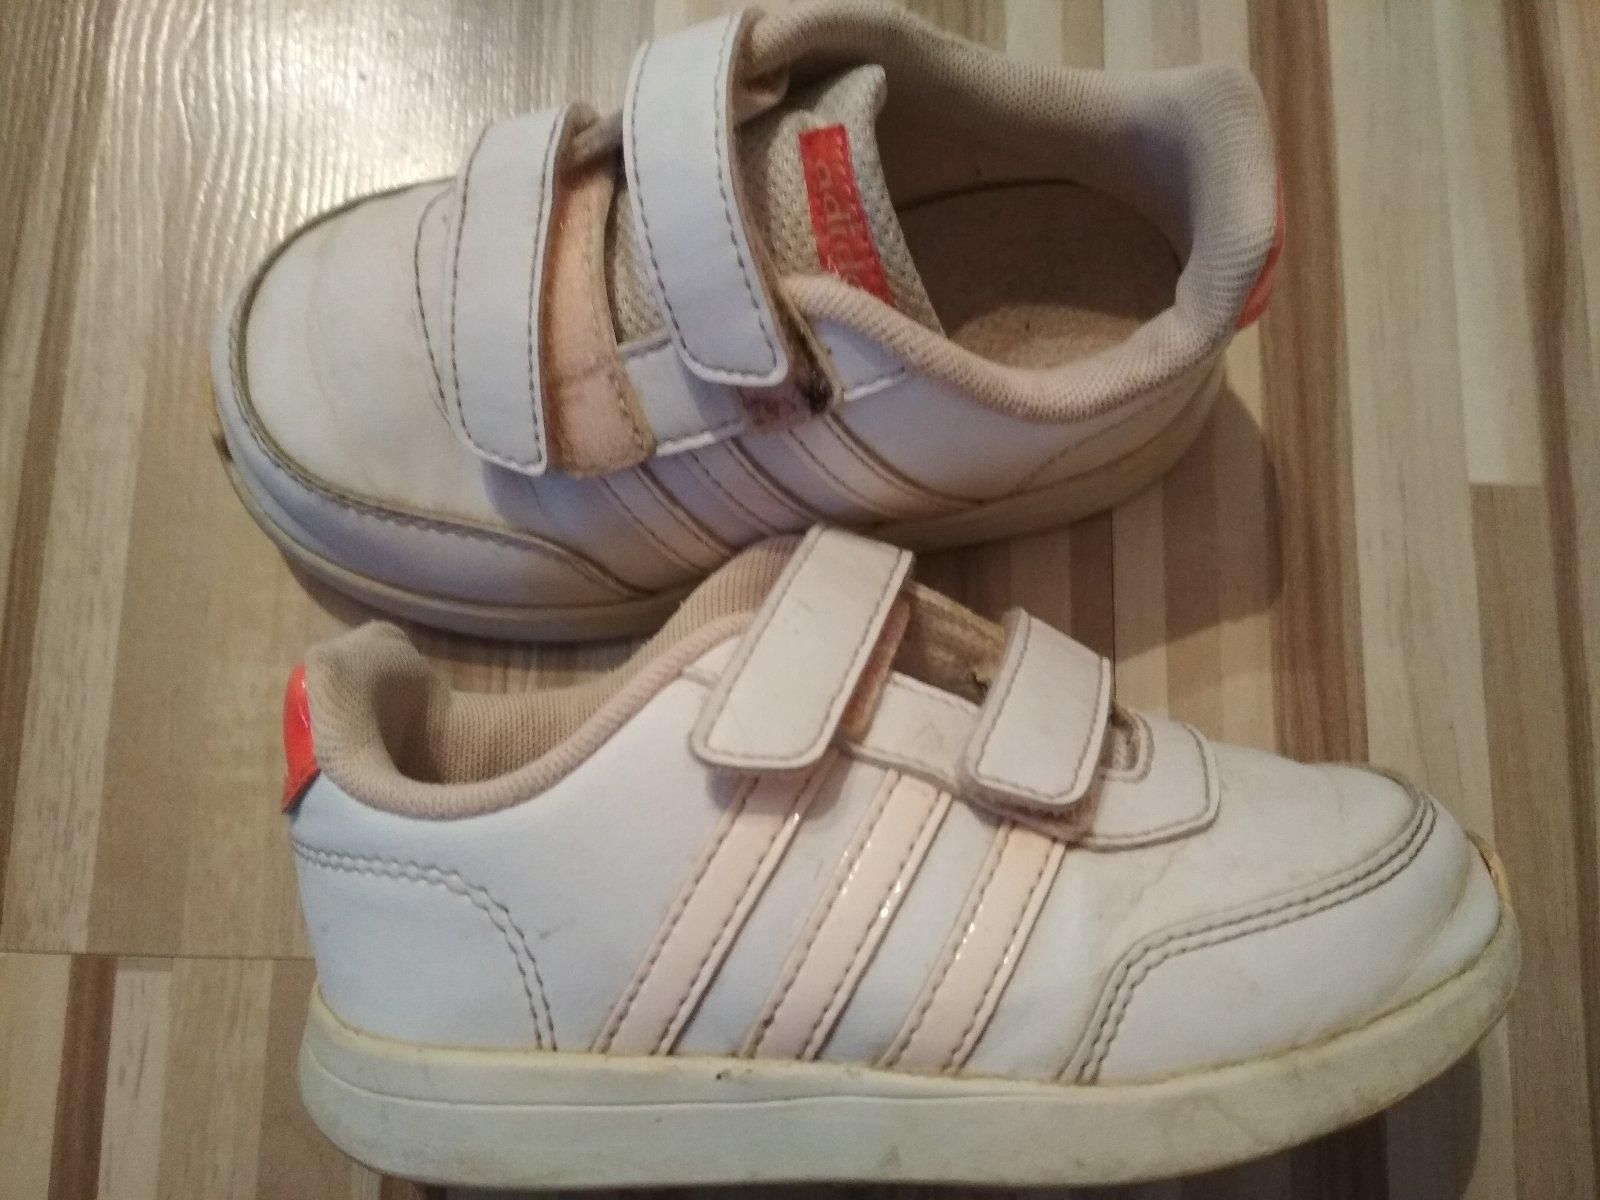 Pekne botasky adidas 2d362c64352